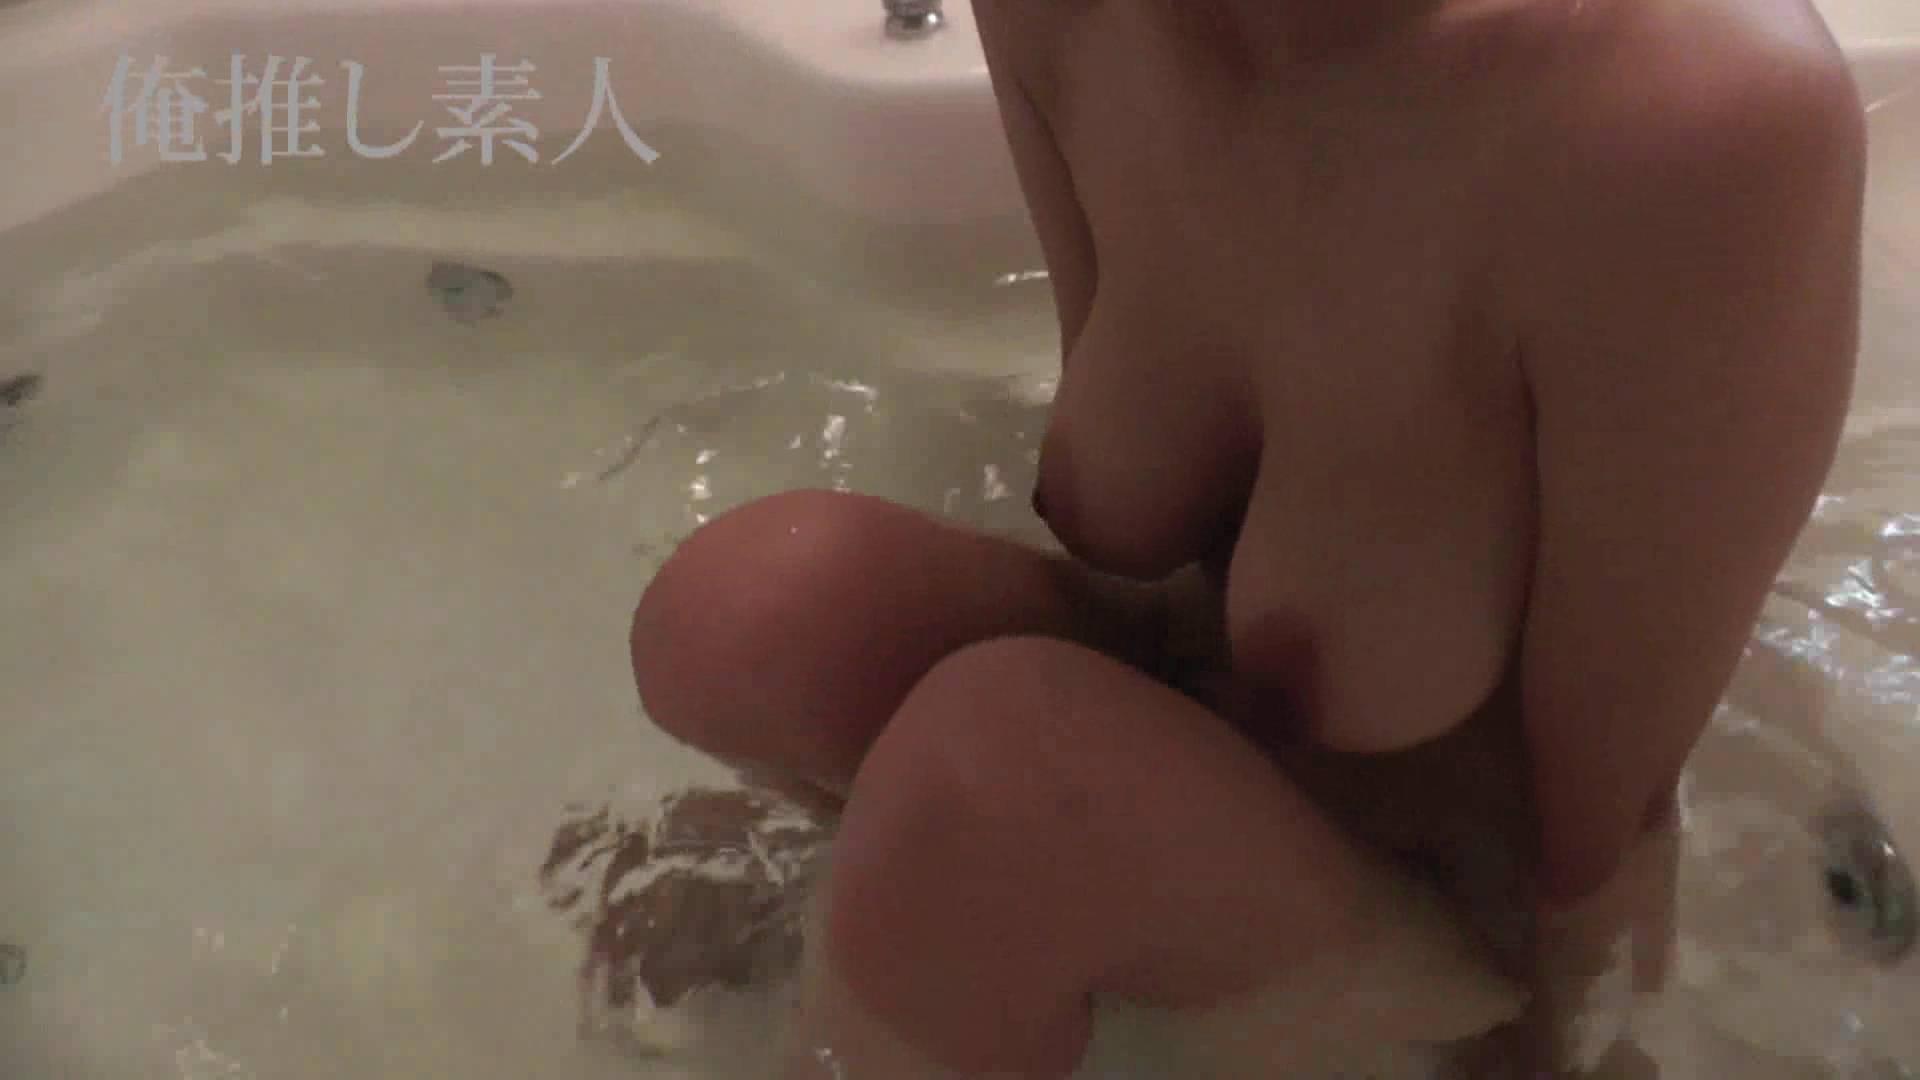 俺推し素人 30代人妻熟女キャバ嬢雫Vol.02 OLのボディ われめAV動画紹介 65PIX 20